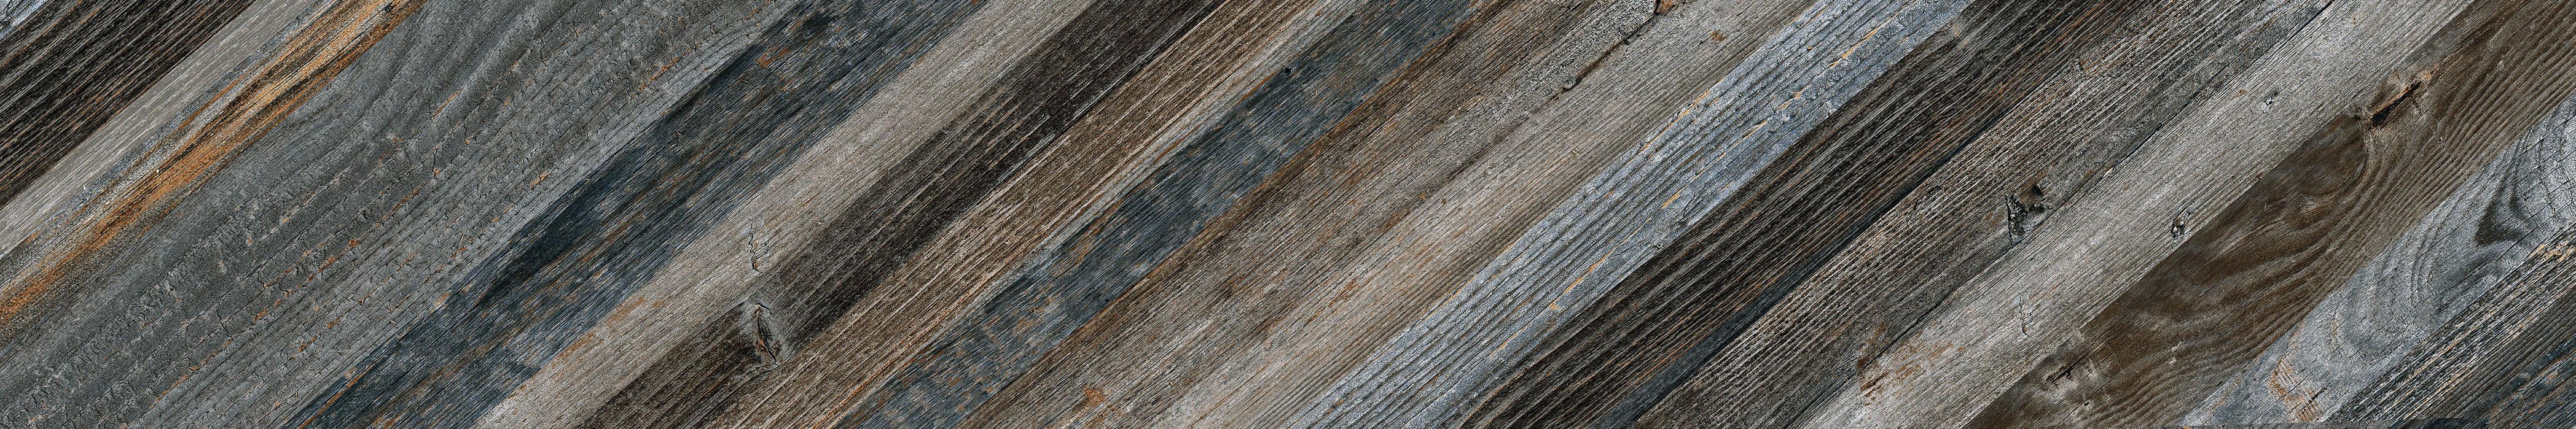 0591272, Artwood, Tummanharmaa, lattia,pakkasenkesto,liukastumisenesto